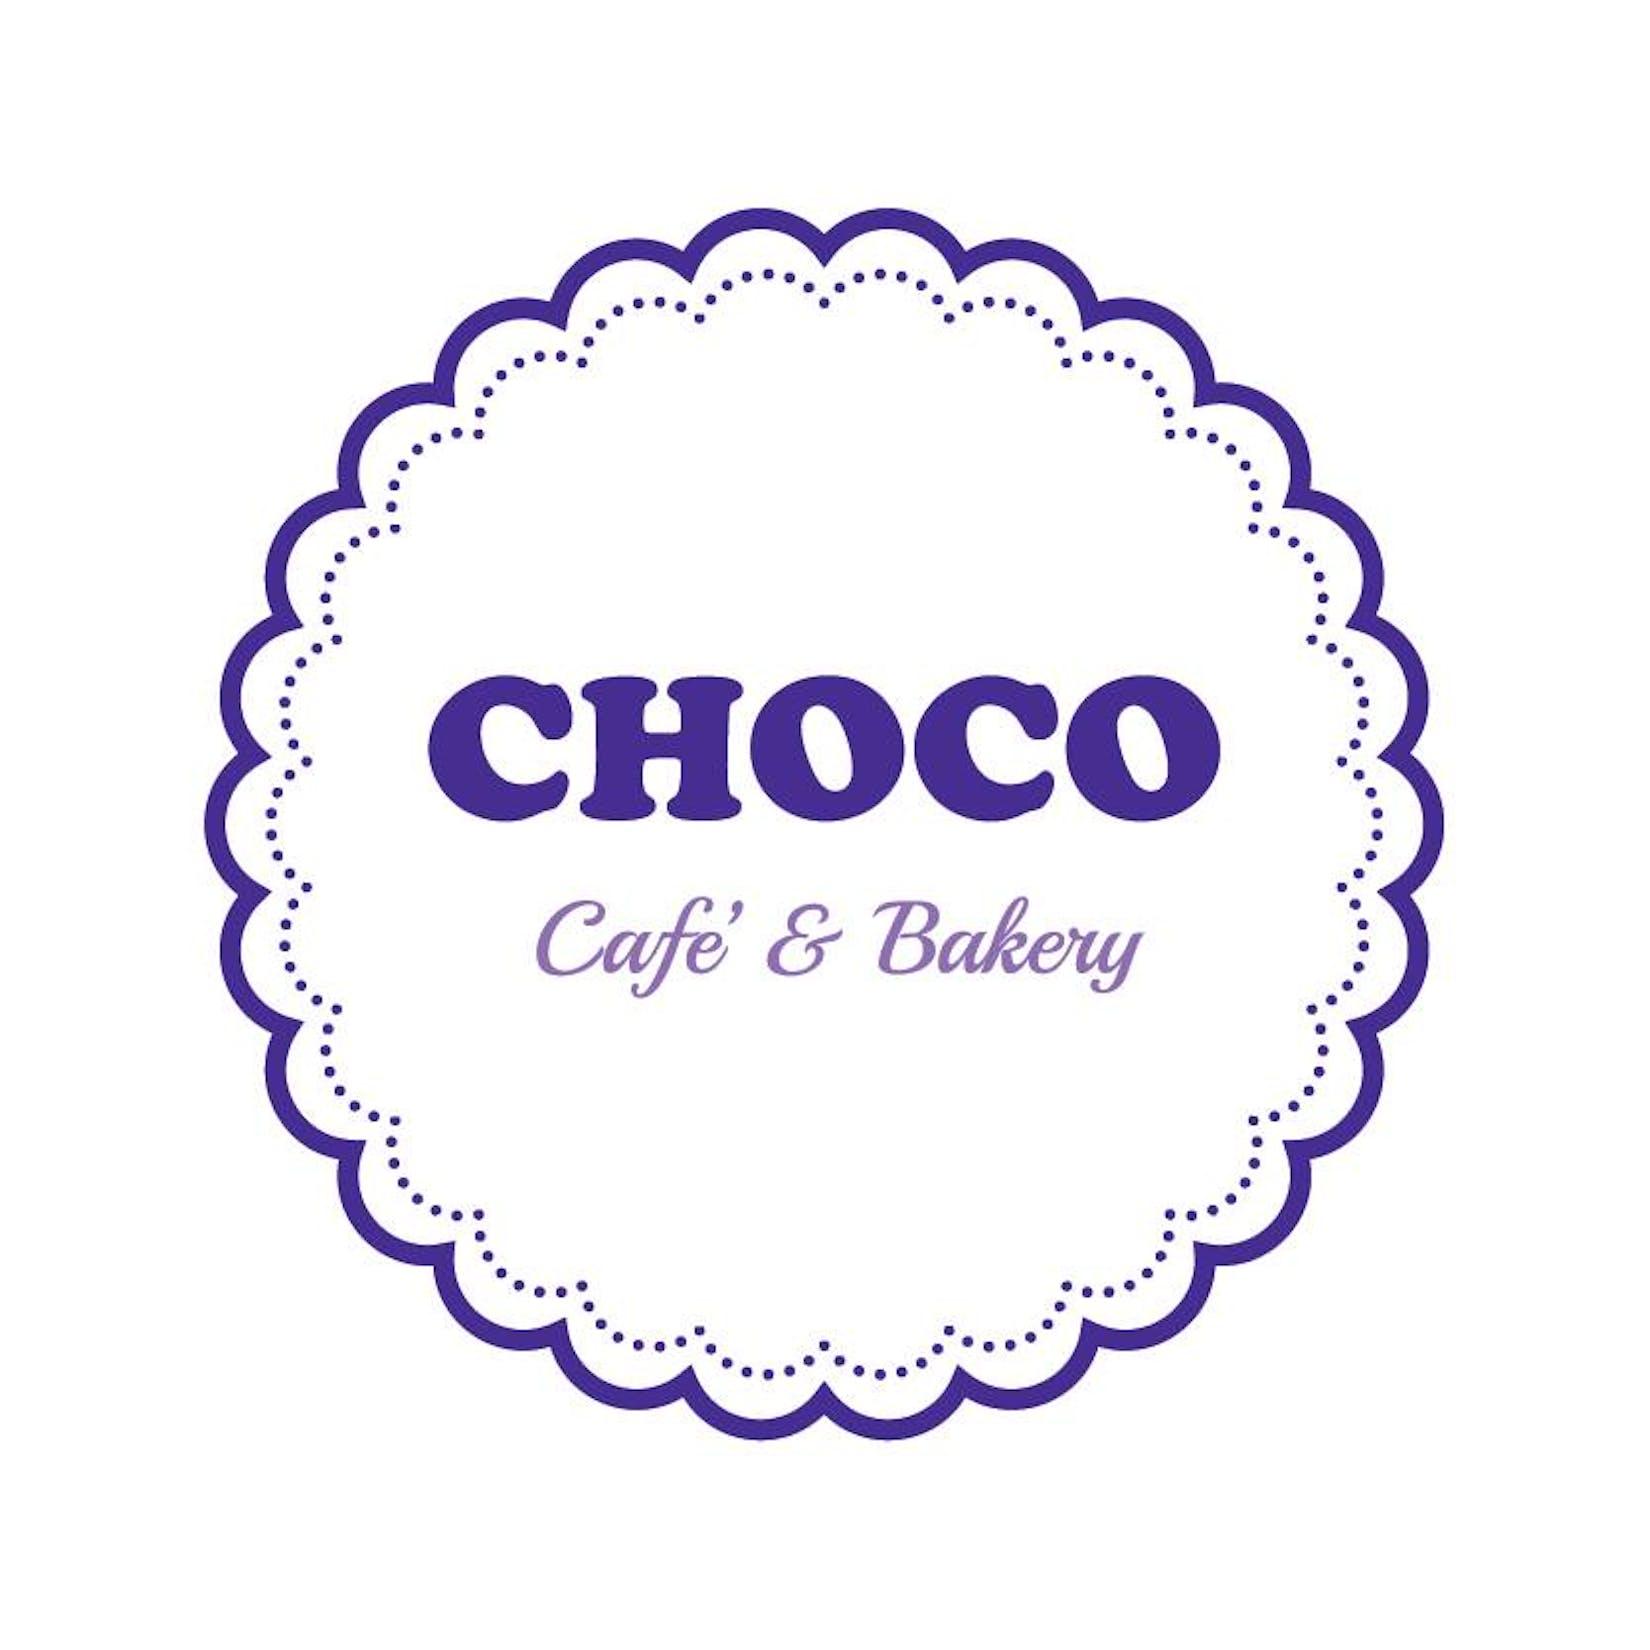 CHOCO Cafe' & Bakery | yathar